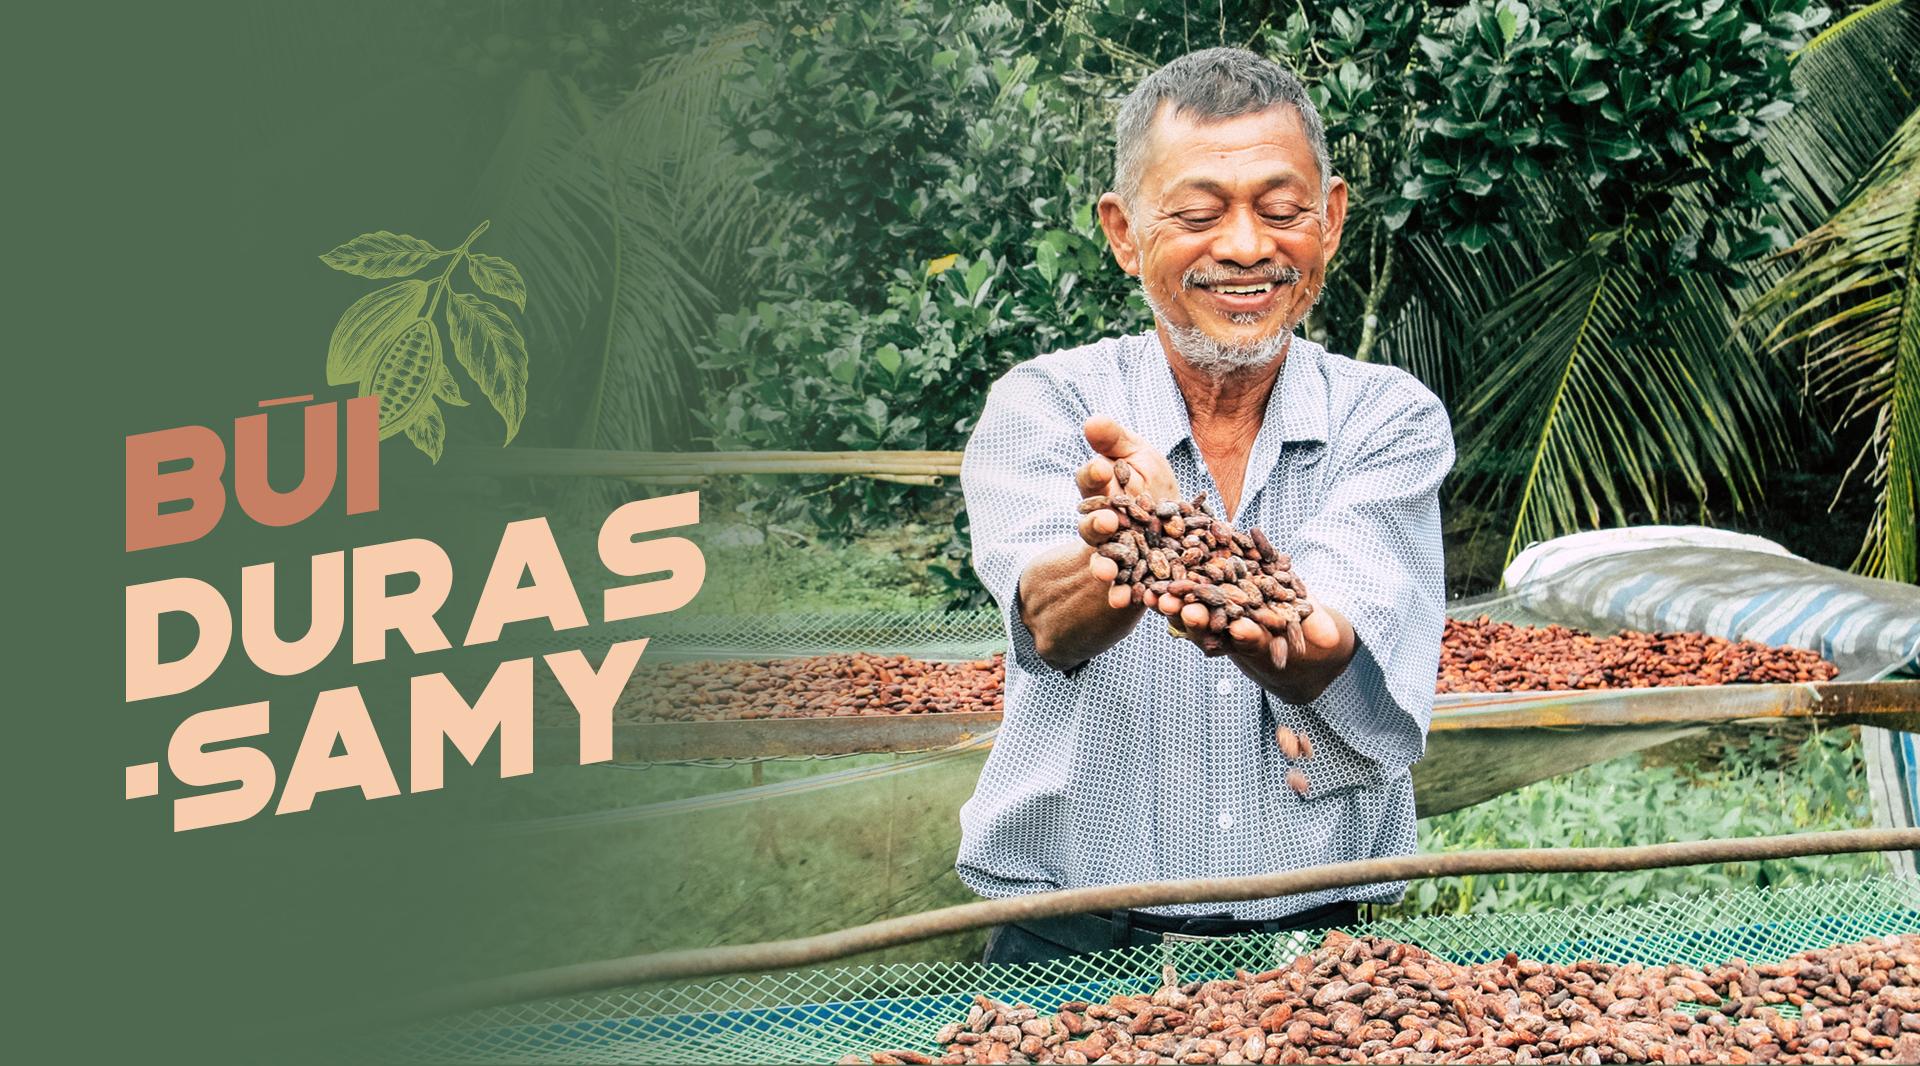 Ông già miền Tây khởi nghiệp tuổi 65: Tôi là người Việt Nam, tôi cũng biết làm socola, mà tại sao để mất vinh dự - Ảnh 1.